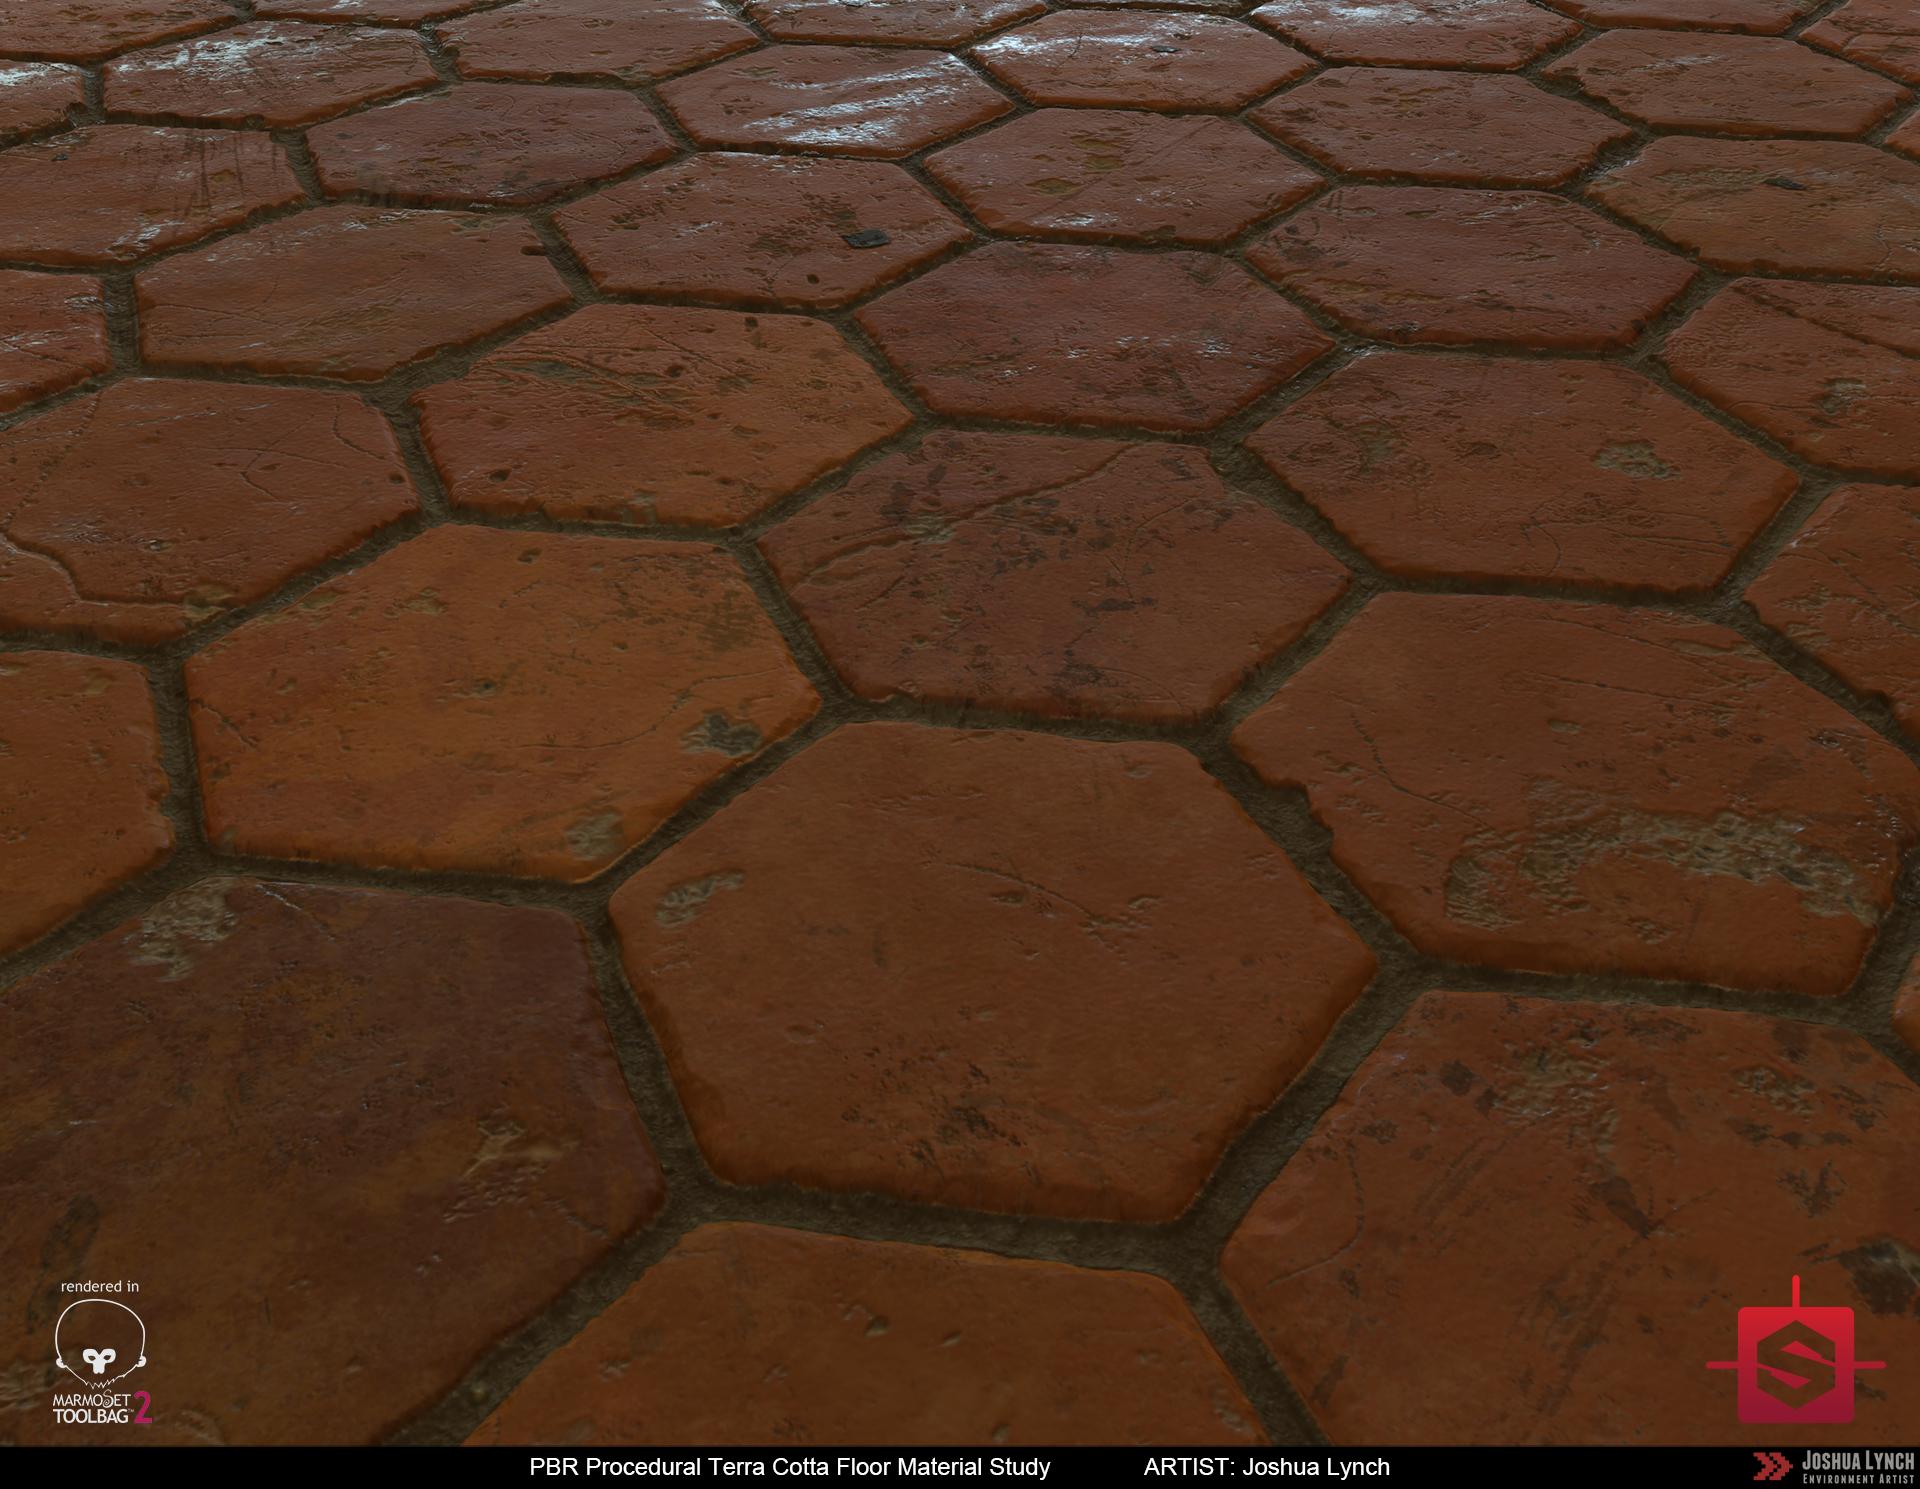 Floor_Terra_Cotta_01_Ground_Rev_06_Layout_Comp_Josh_Lynch.png